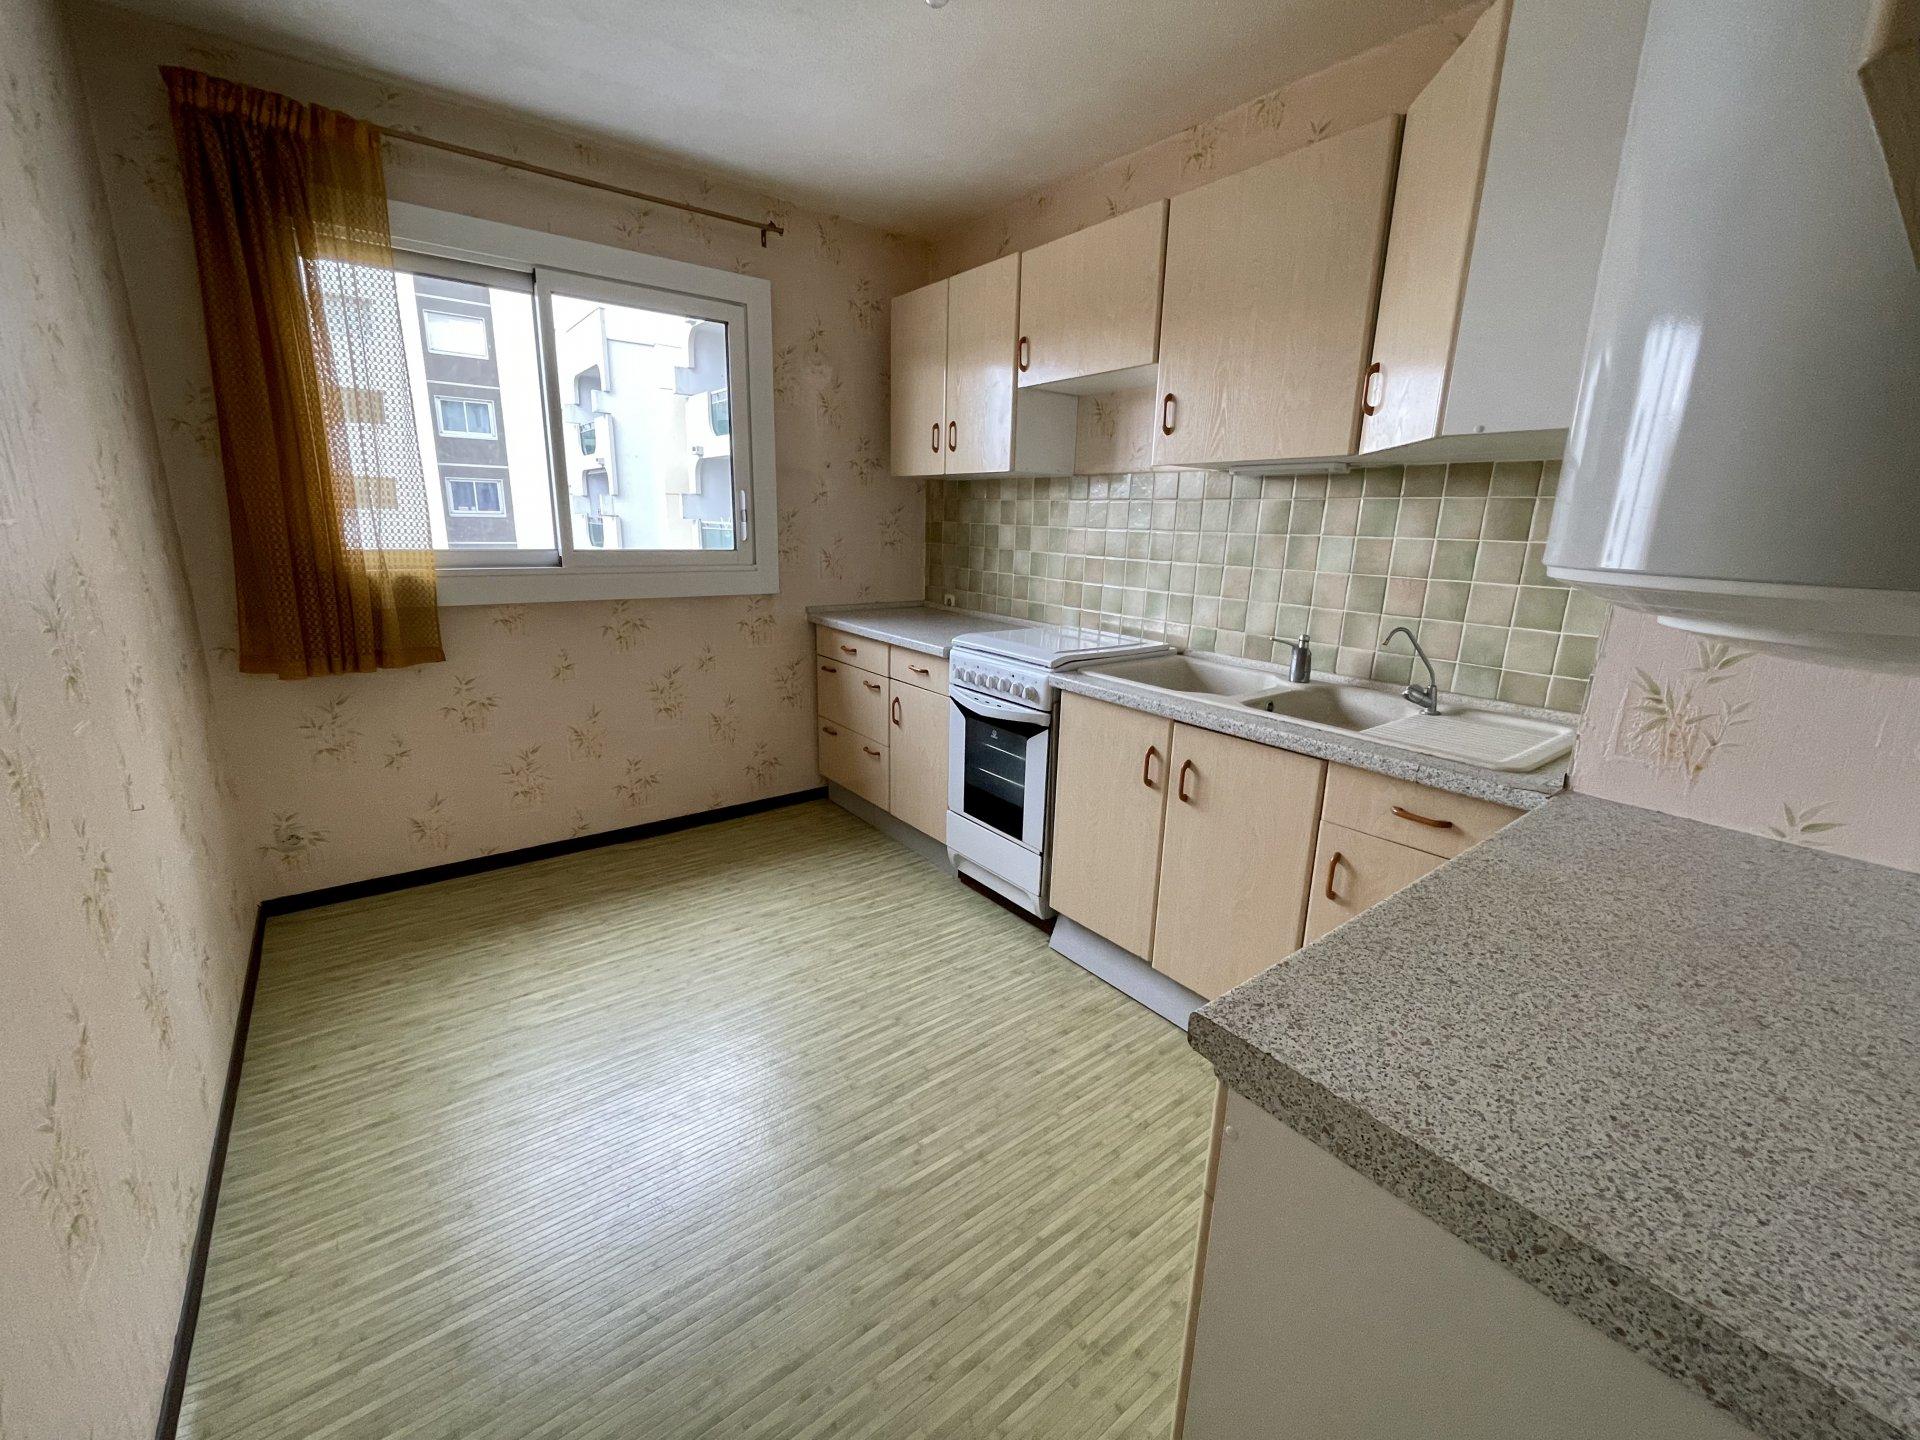 Appartement Bergson 3 pièces 72 m2 avec balcon et garage.